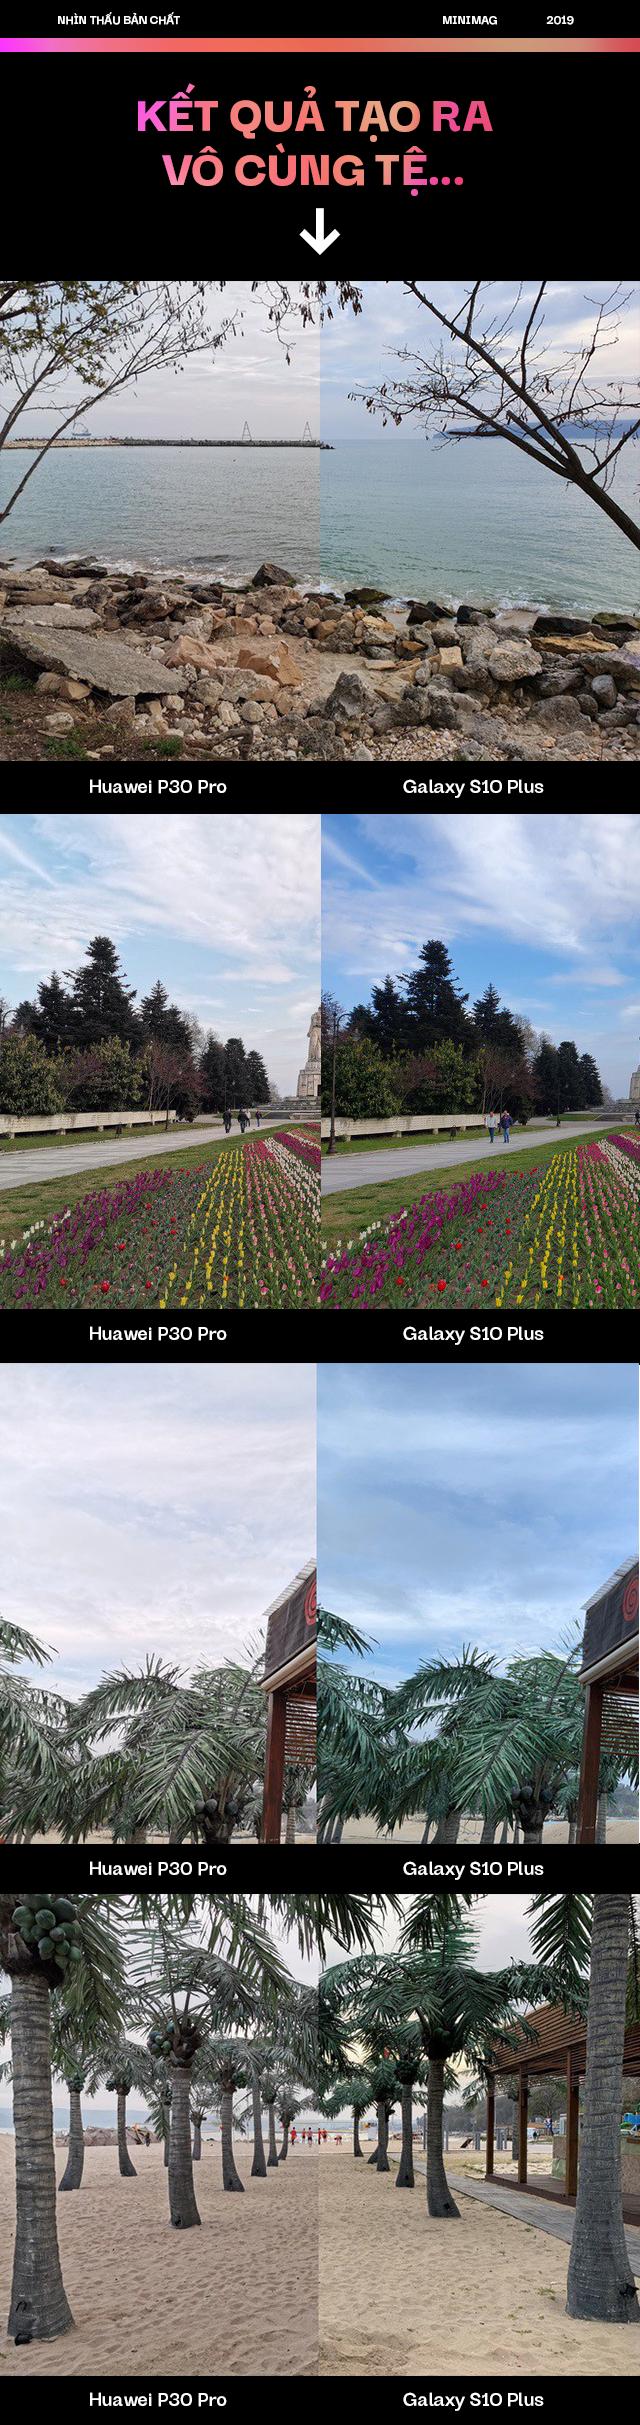 Nhìn thấu bản chất: Google, Apple, Samsung và cả Sony thừa sức tạo smartphone chụp tối tốt như Huawei P30 Pro nhưng vì sao không làm? - Ảnh 8.